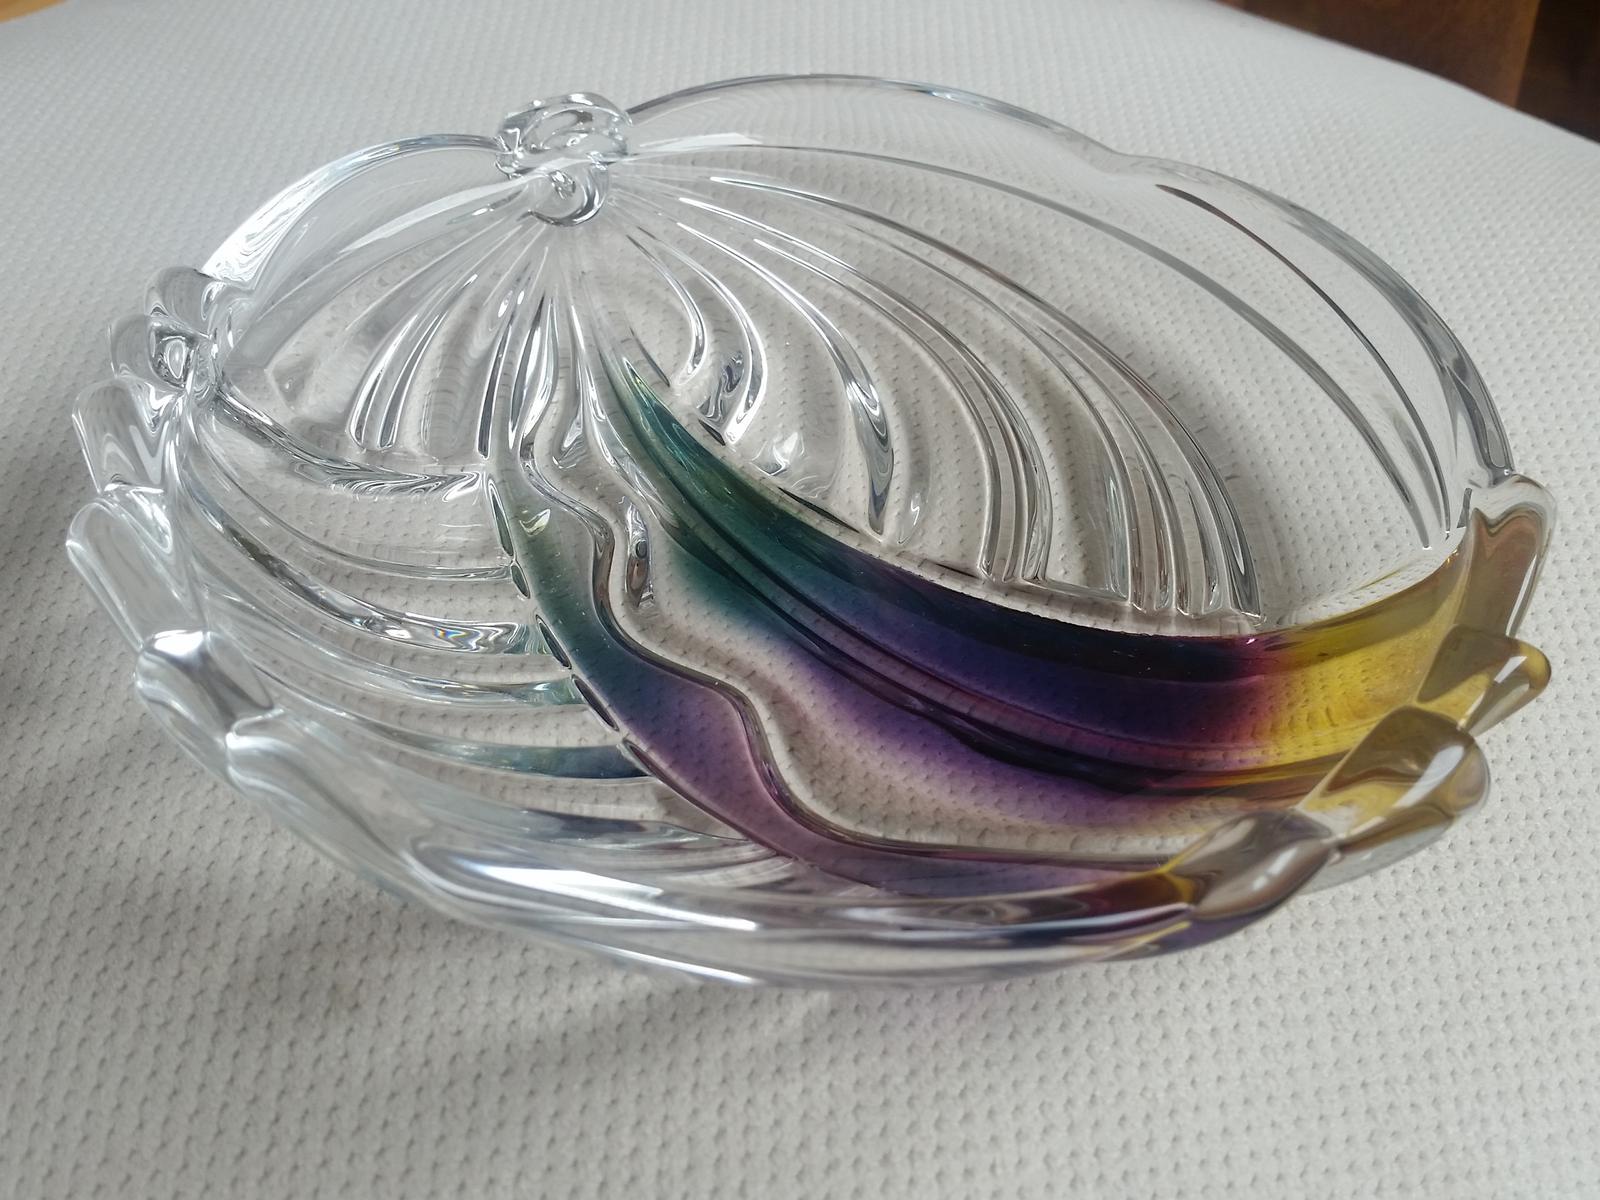 skleněný talířek s andělem - Obrázek č. 1